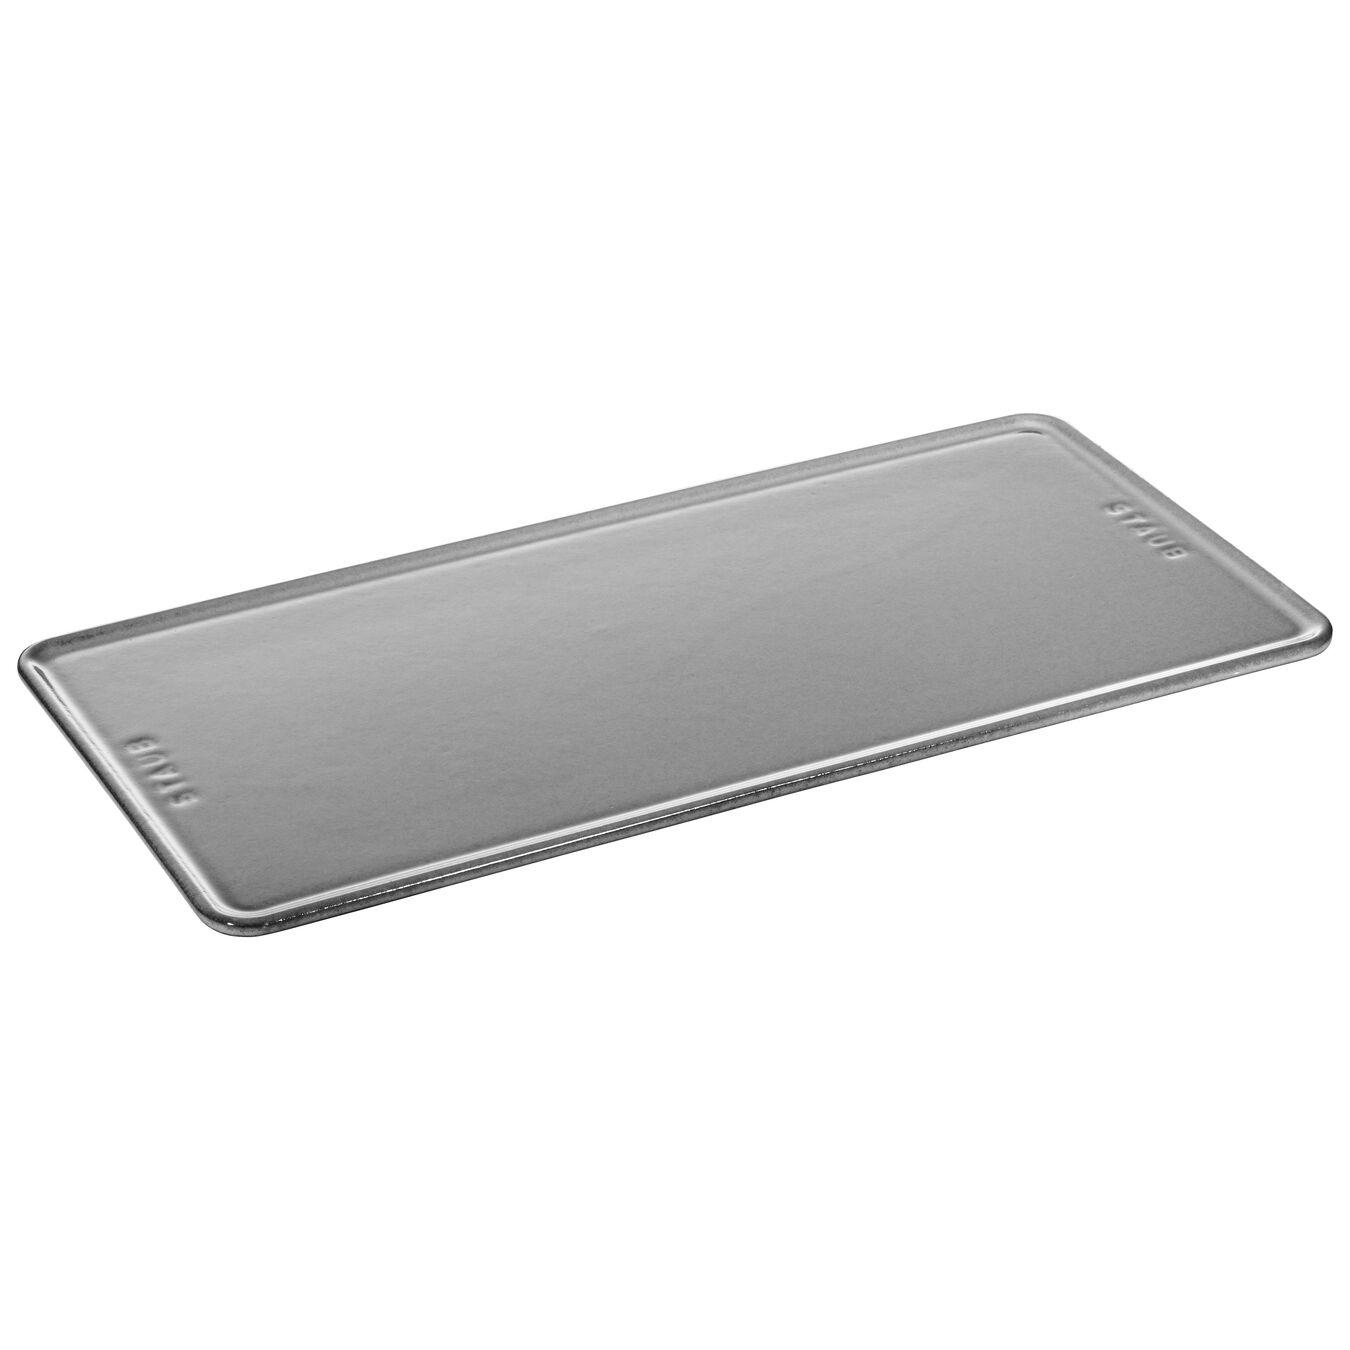 Assiette 30 cm x 15 cm, Gris graphite, Fonte,,large 1